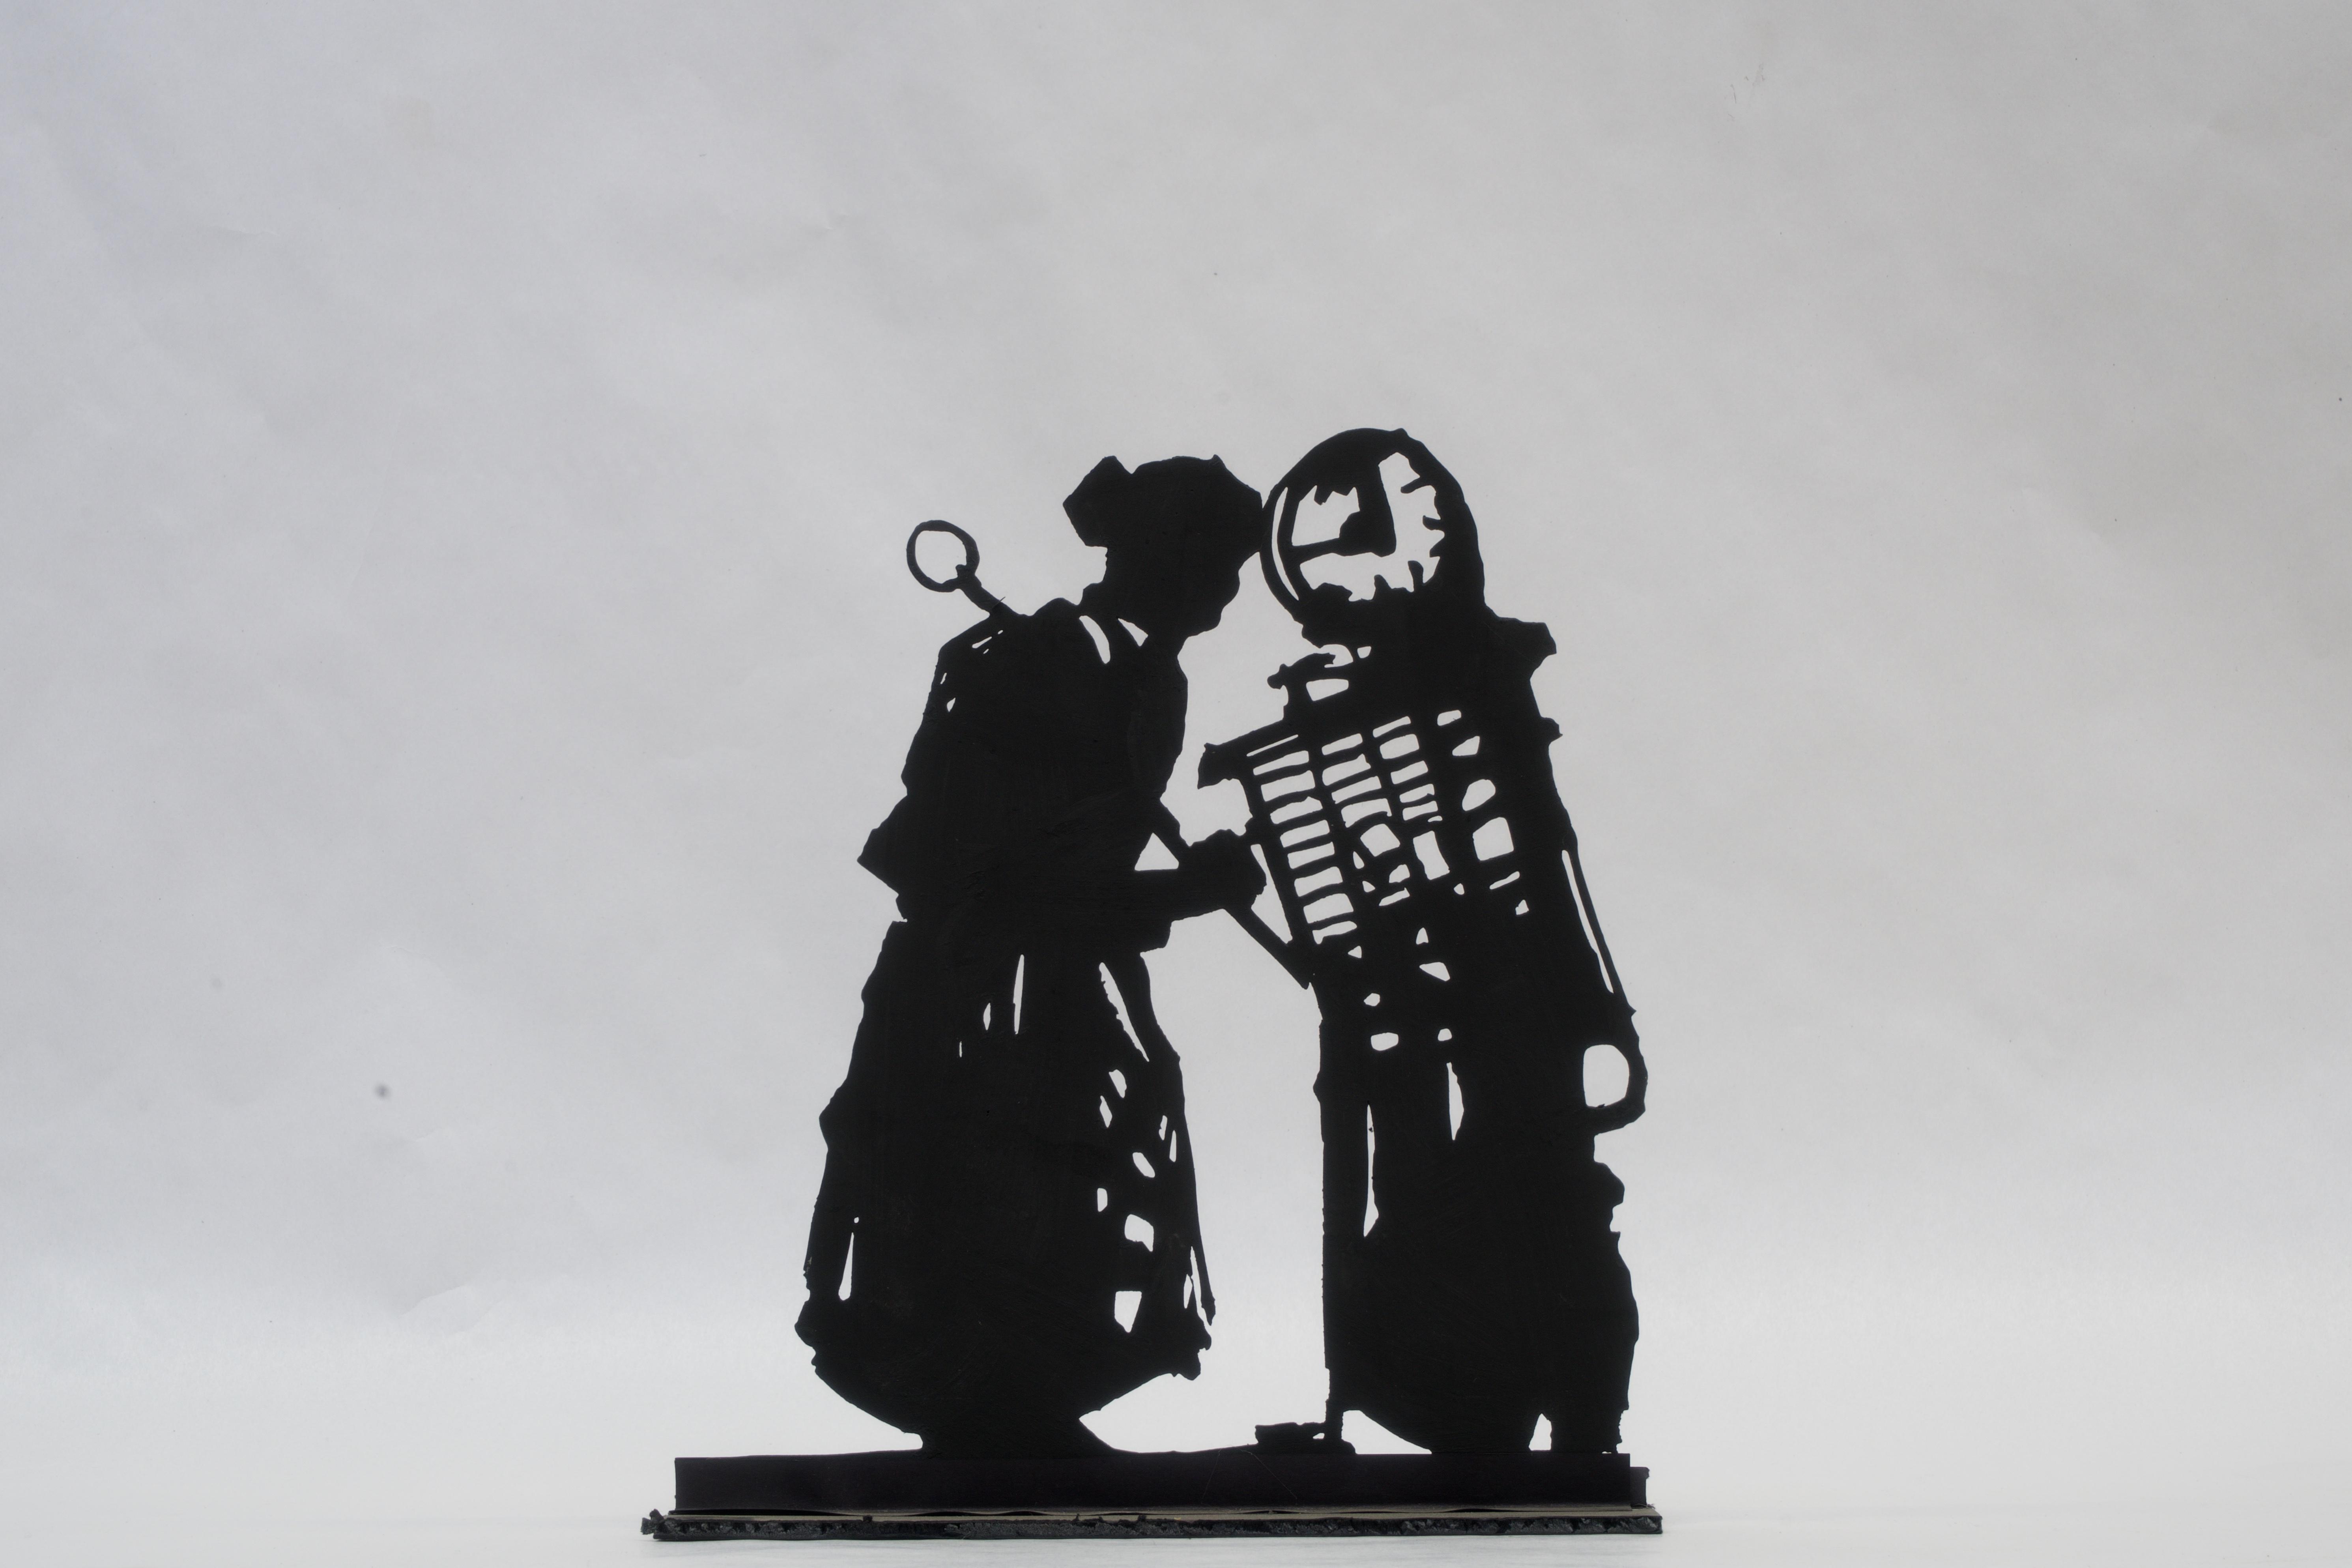 WILLIAM KENTRIDGE, Procession of Reparationists (Processione. I riparazionisti), 2017 15 silhouette in acciaio, 13 basi in cemento e ferro, 410 x 350 x 41200 cm circa dimensioni totali, Fondazione per l'Arte Moderna e Contemporanea CRT, 2017, in comodato presso Castello di Rivoli Museo d'Arte Contemporanea, Rivoli-Torino